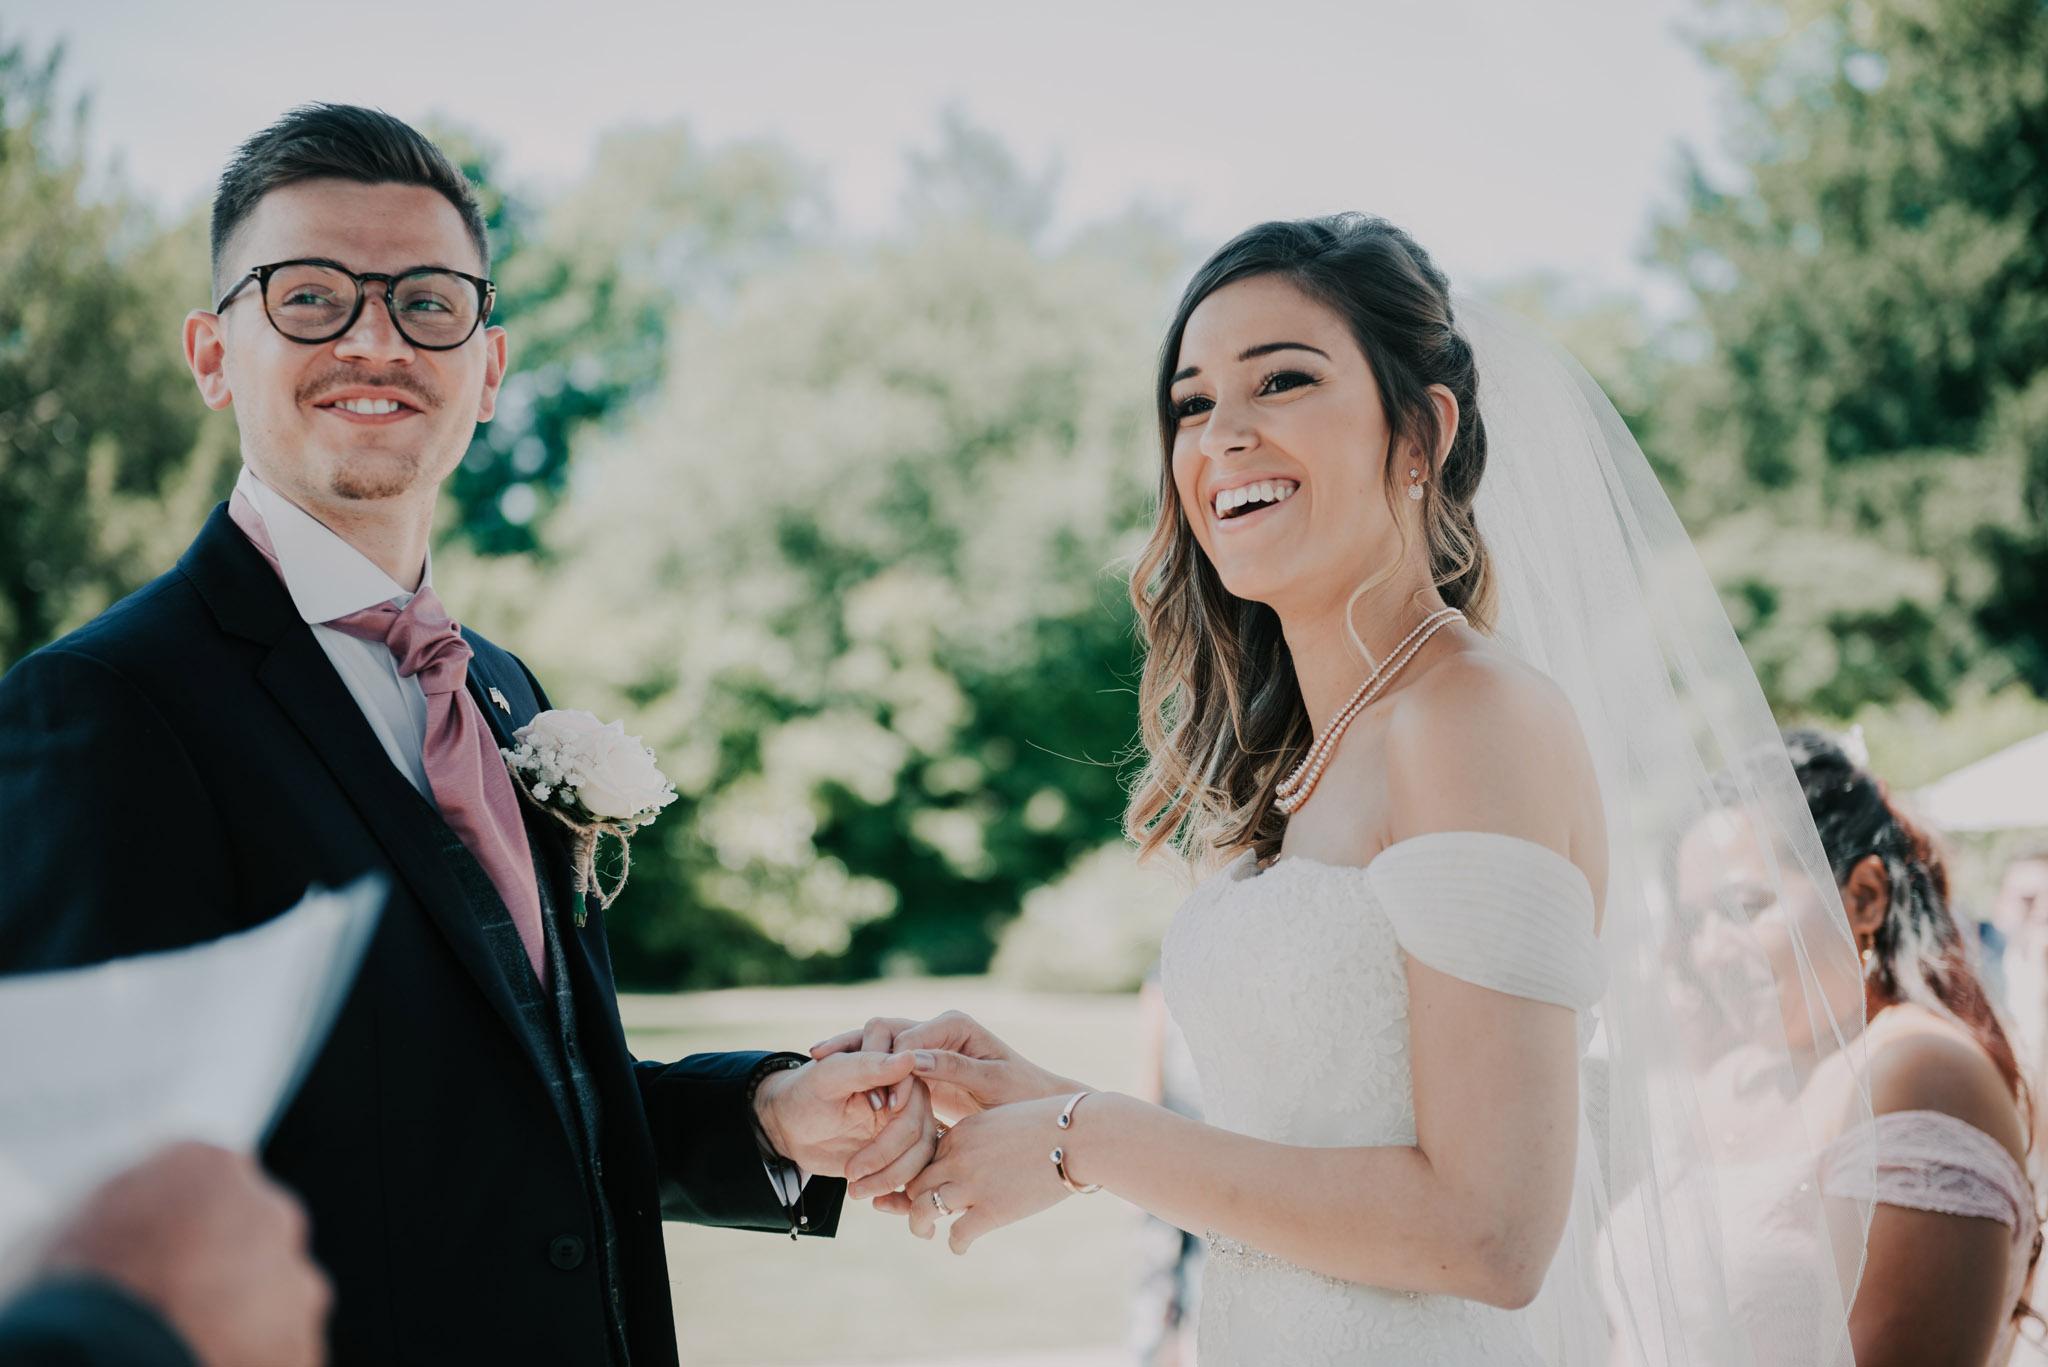 scott-stockwell-wedding-photographer-wood-norton-evesham171.jpg